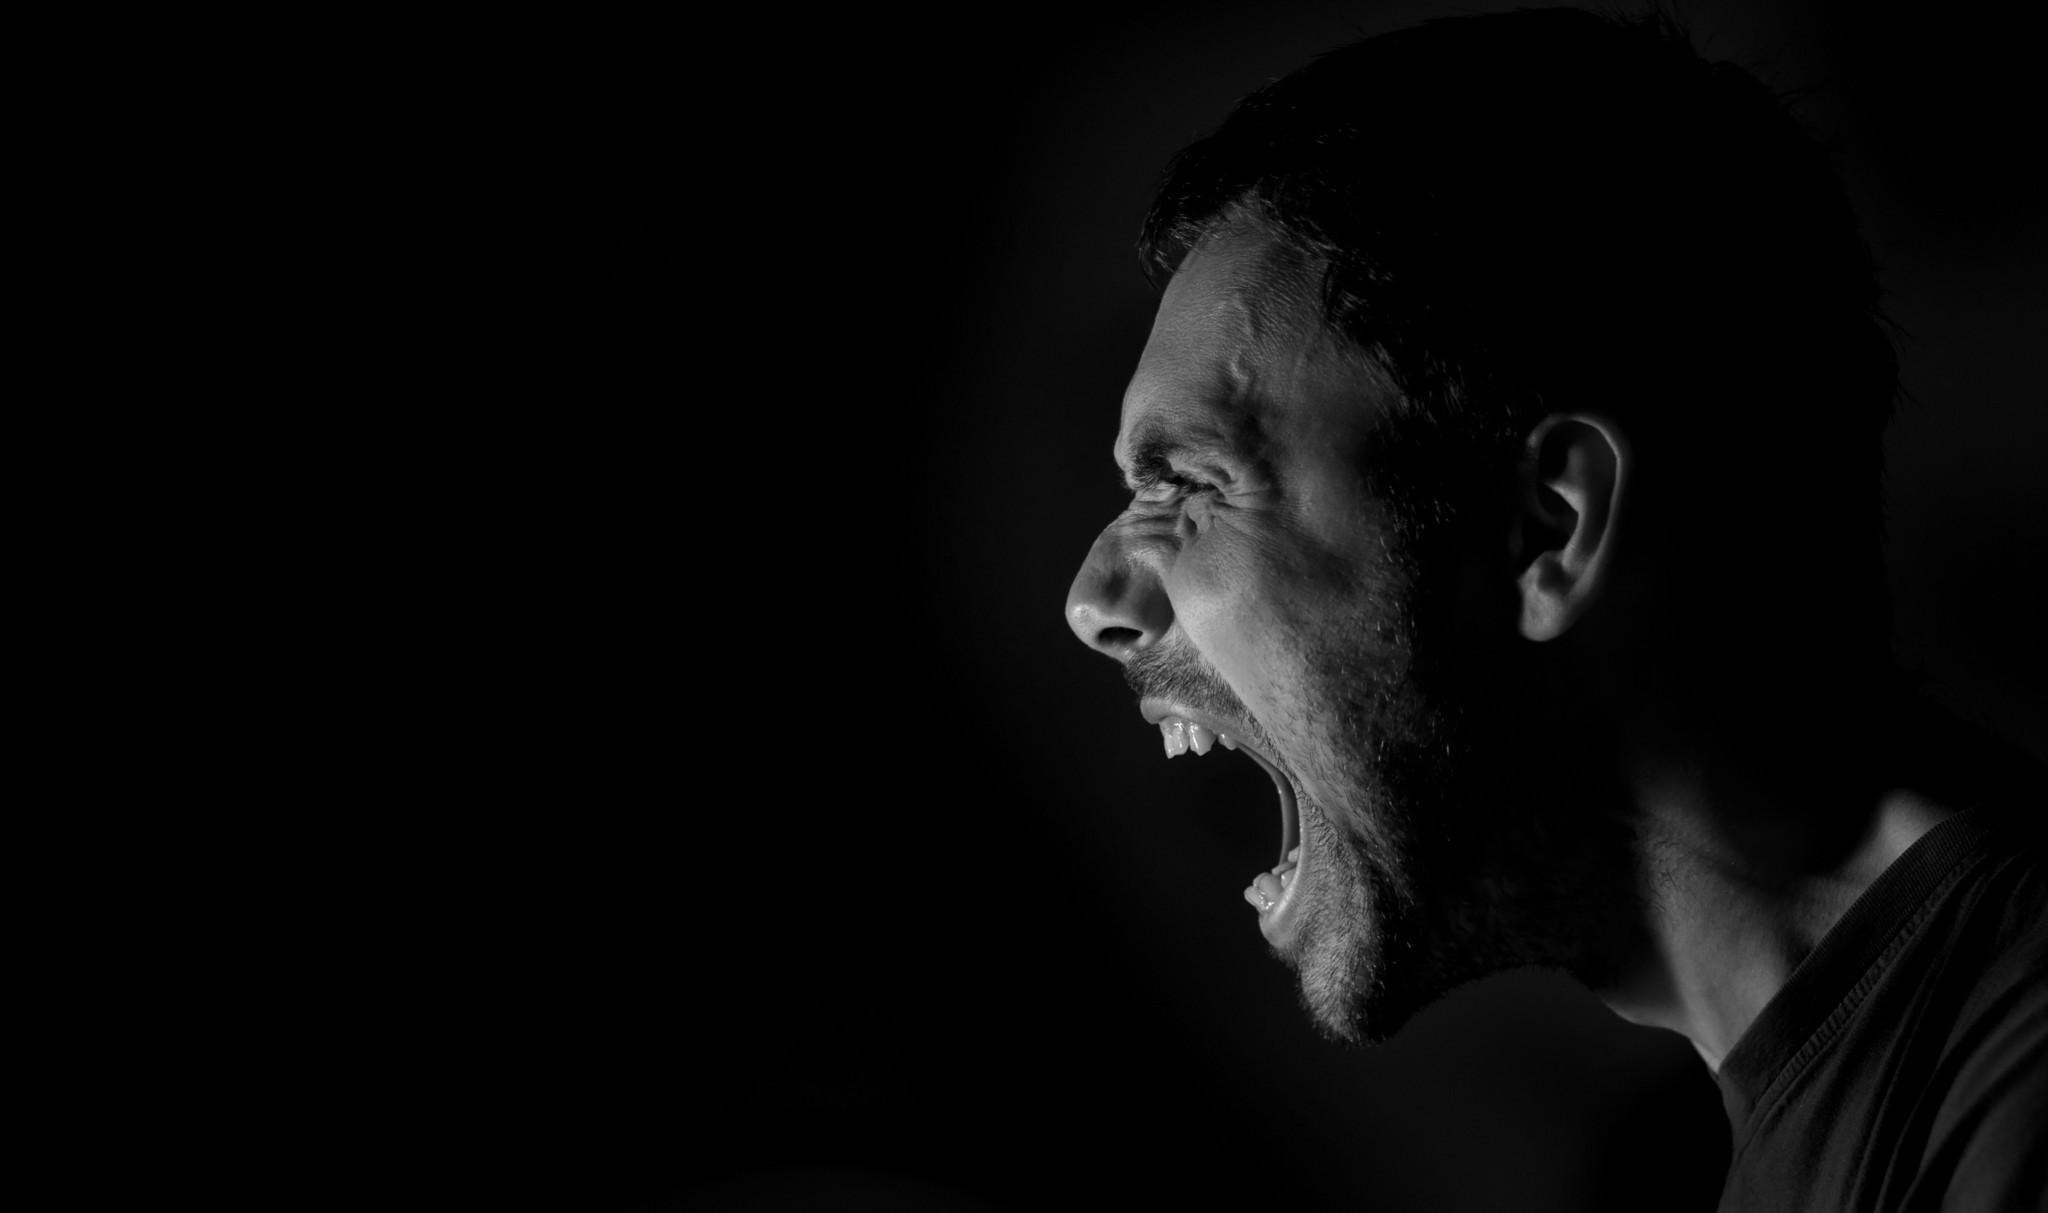 La dificultad de sobrevivir con una persona ansiosa, Enfermedades y su tratamiento